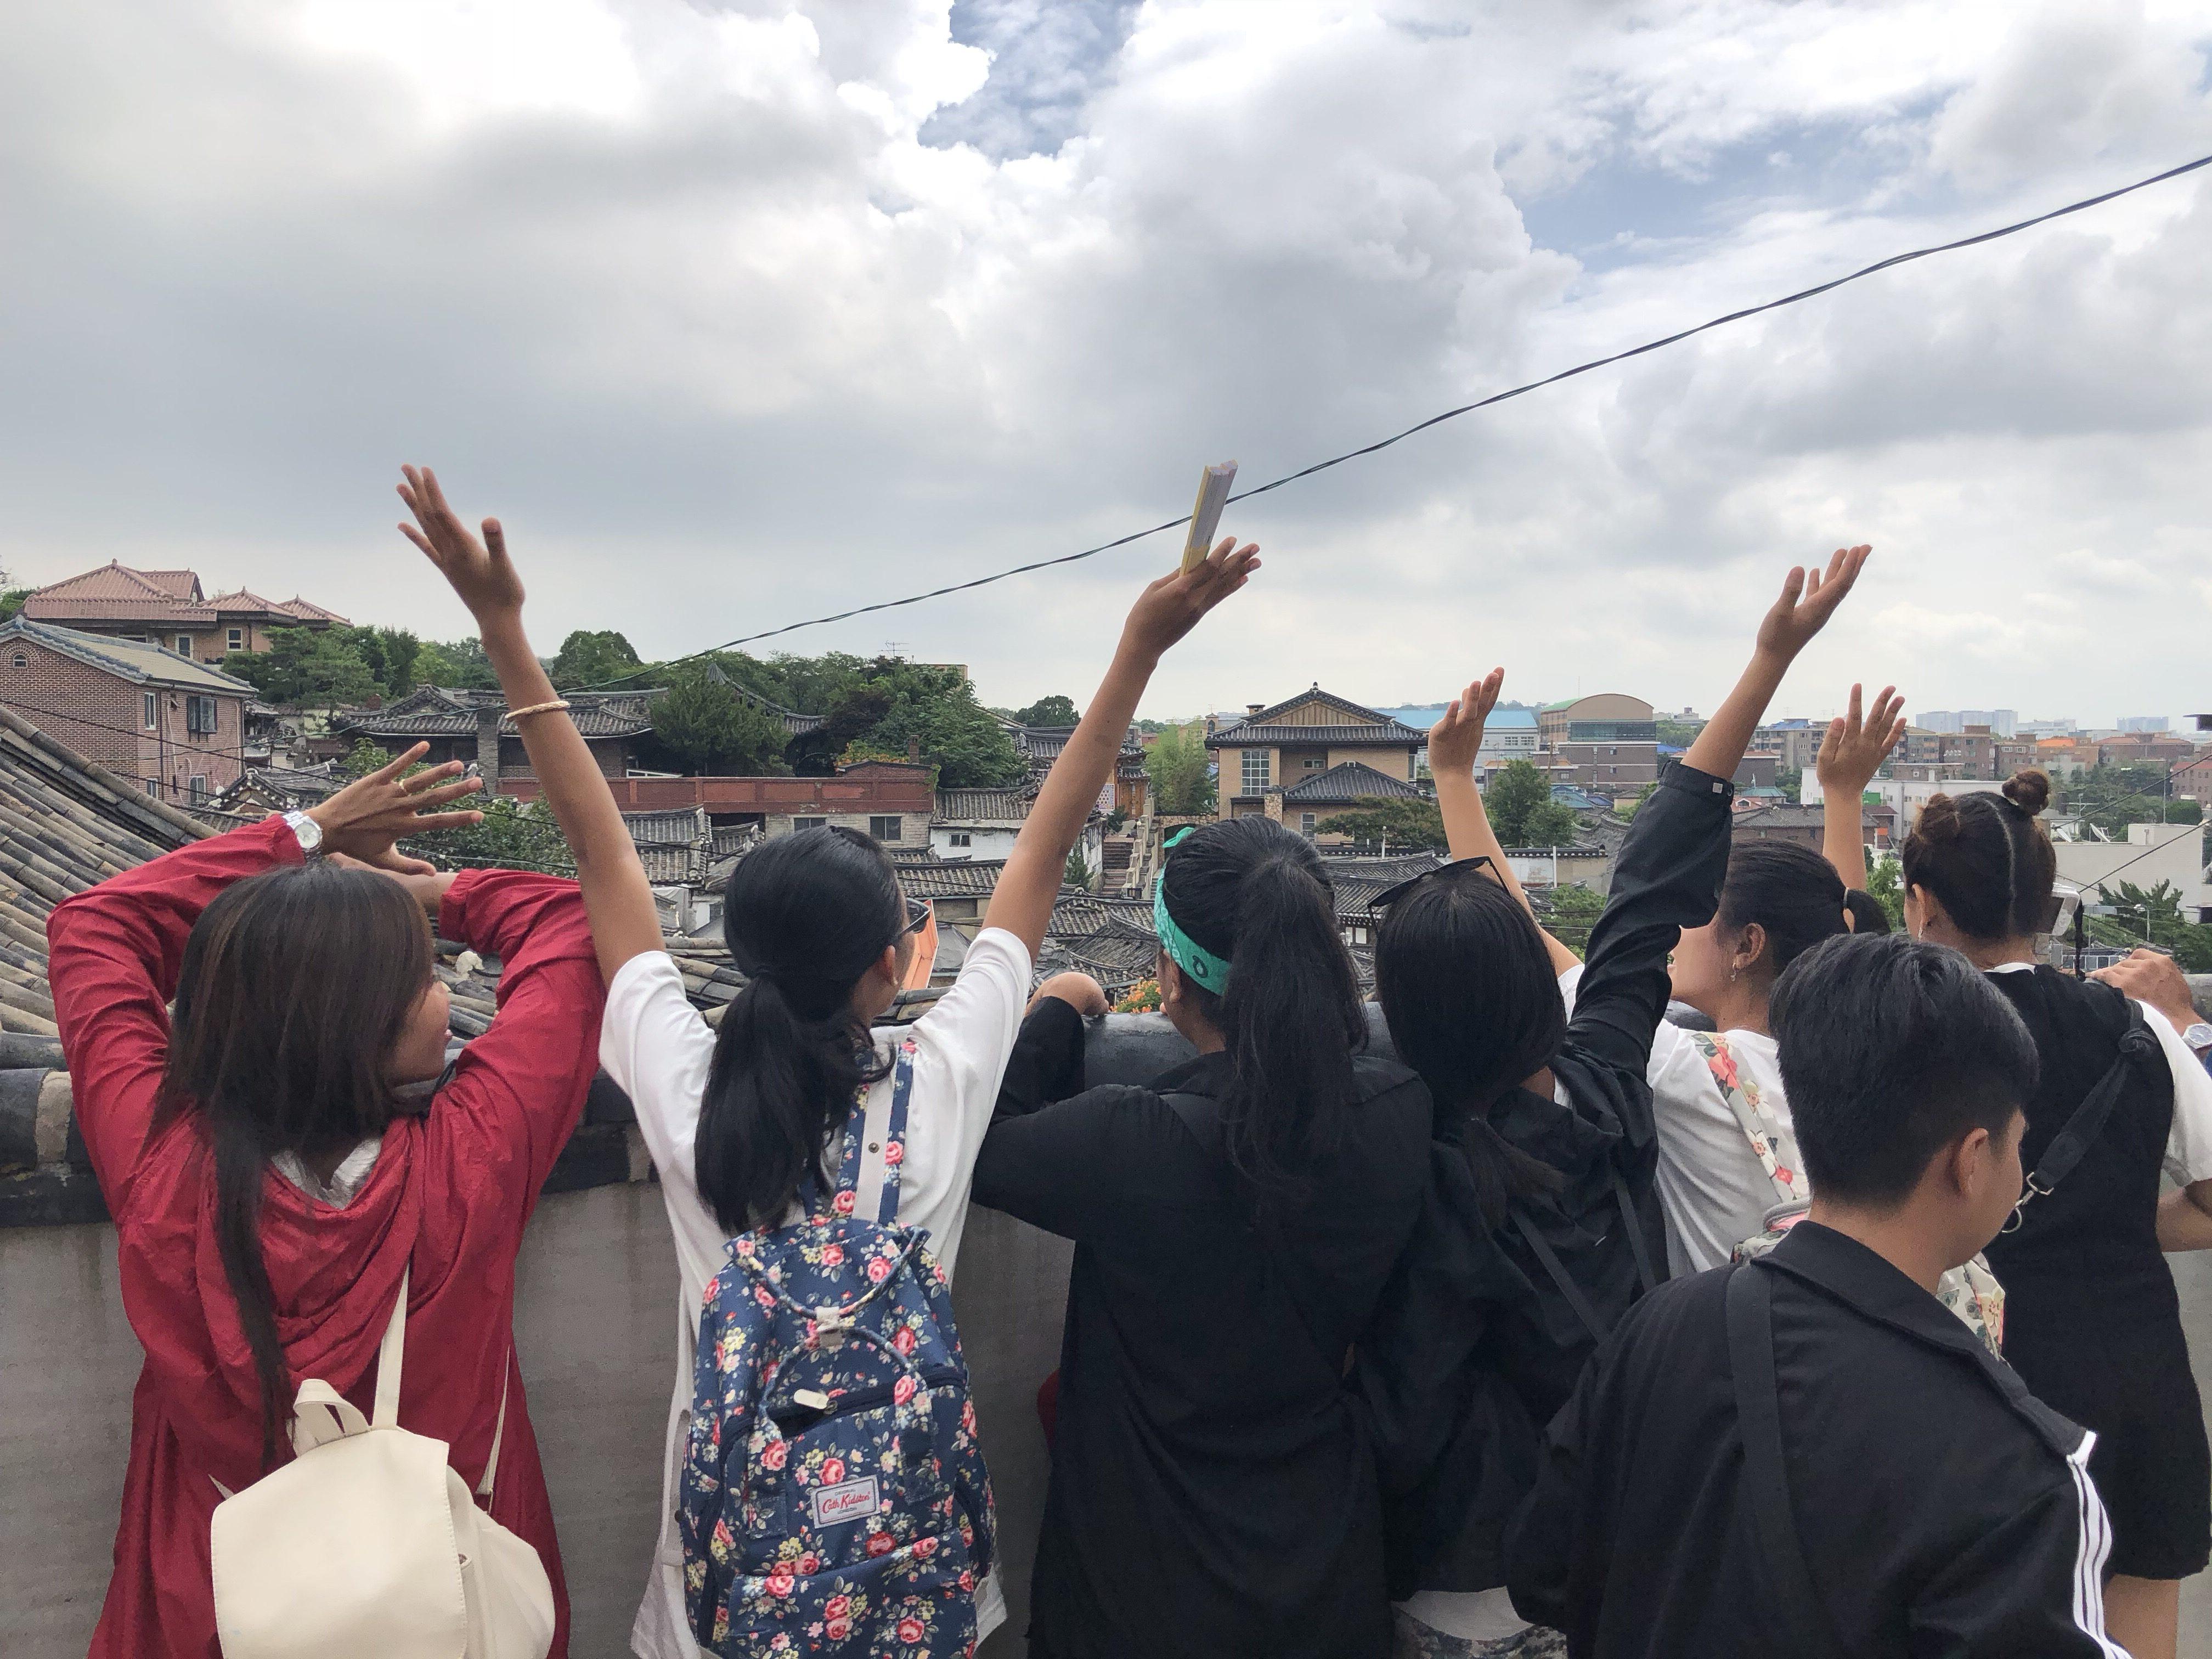 [러브월드]아시아 청년들과 함께한 서울시티투어